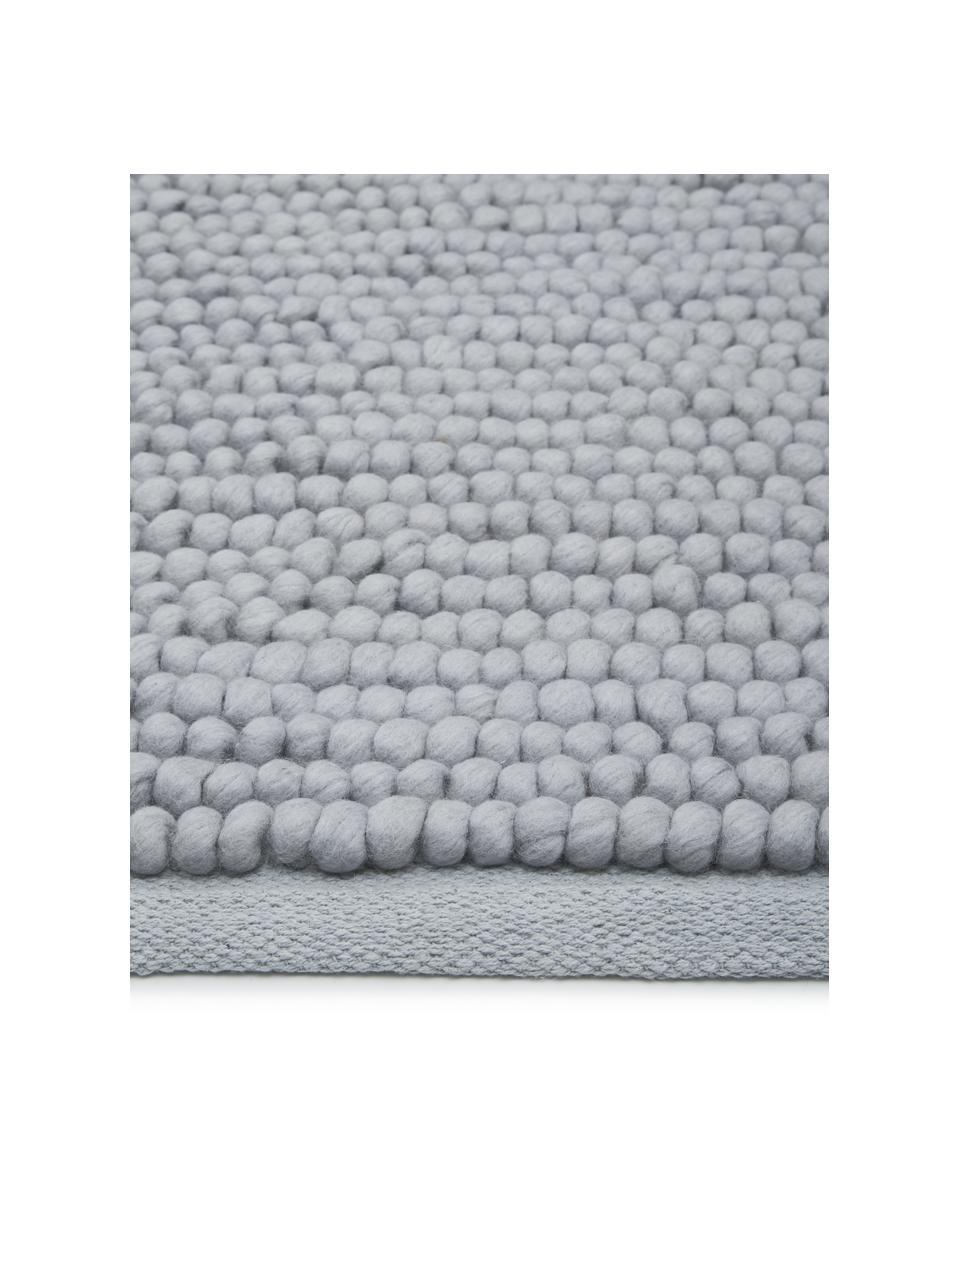 Wollen vloerkleed Pebble in lichtgrijs, 80% Nieuw-Zeelandse wol, 20% nylon Bij wollen vloerkleden kunnen vezels loskomen in de eerste weken van gebruik, dit neemt af door dagelijks gebruik en pluizen wordt verminderd., Grijs, B 120 x L 180 cm (maat S)